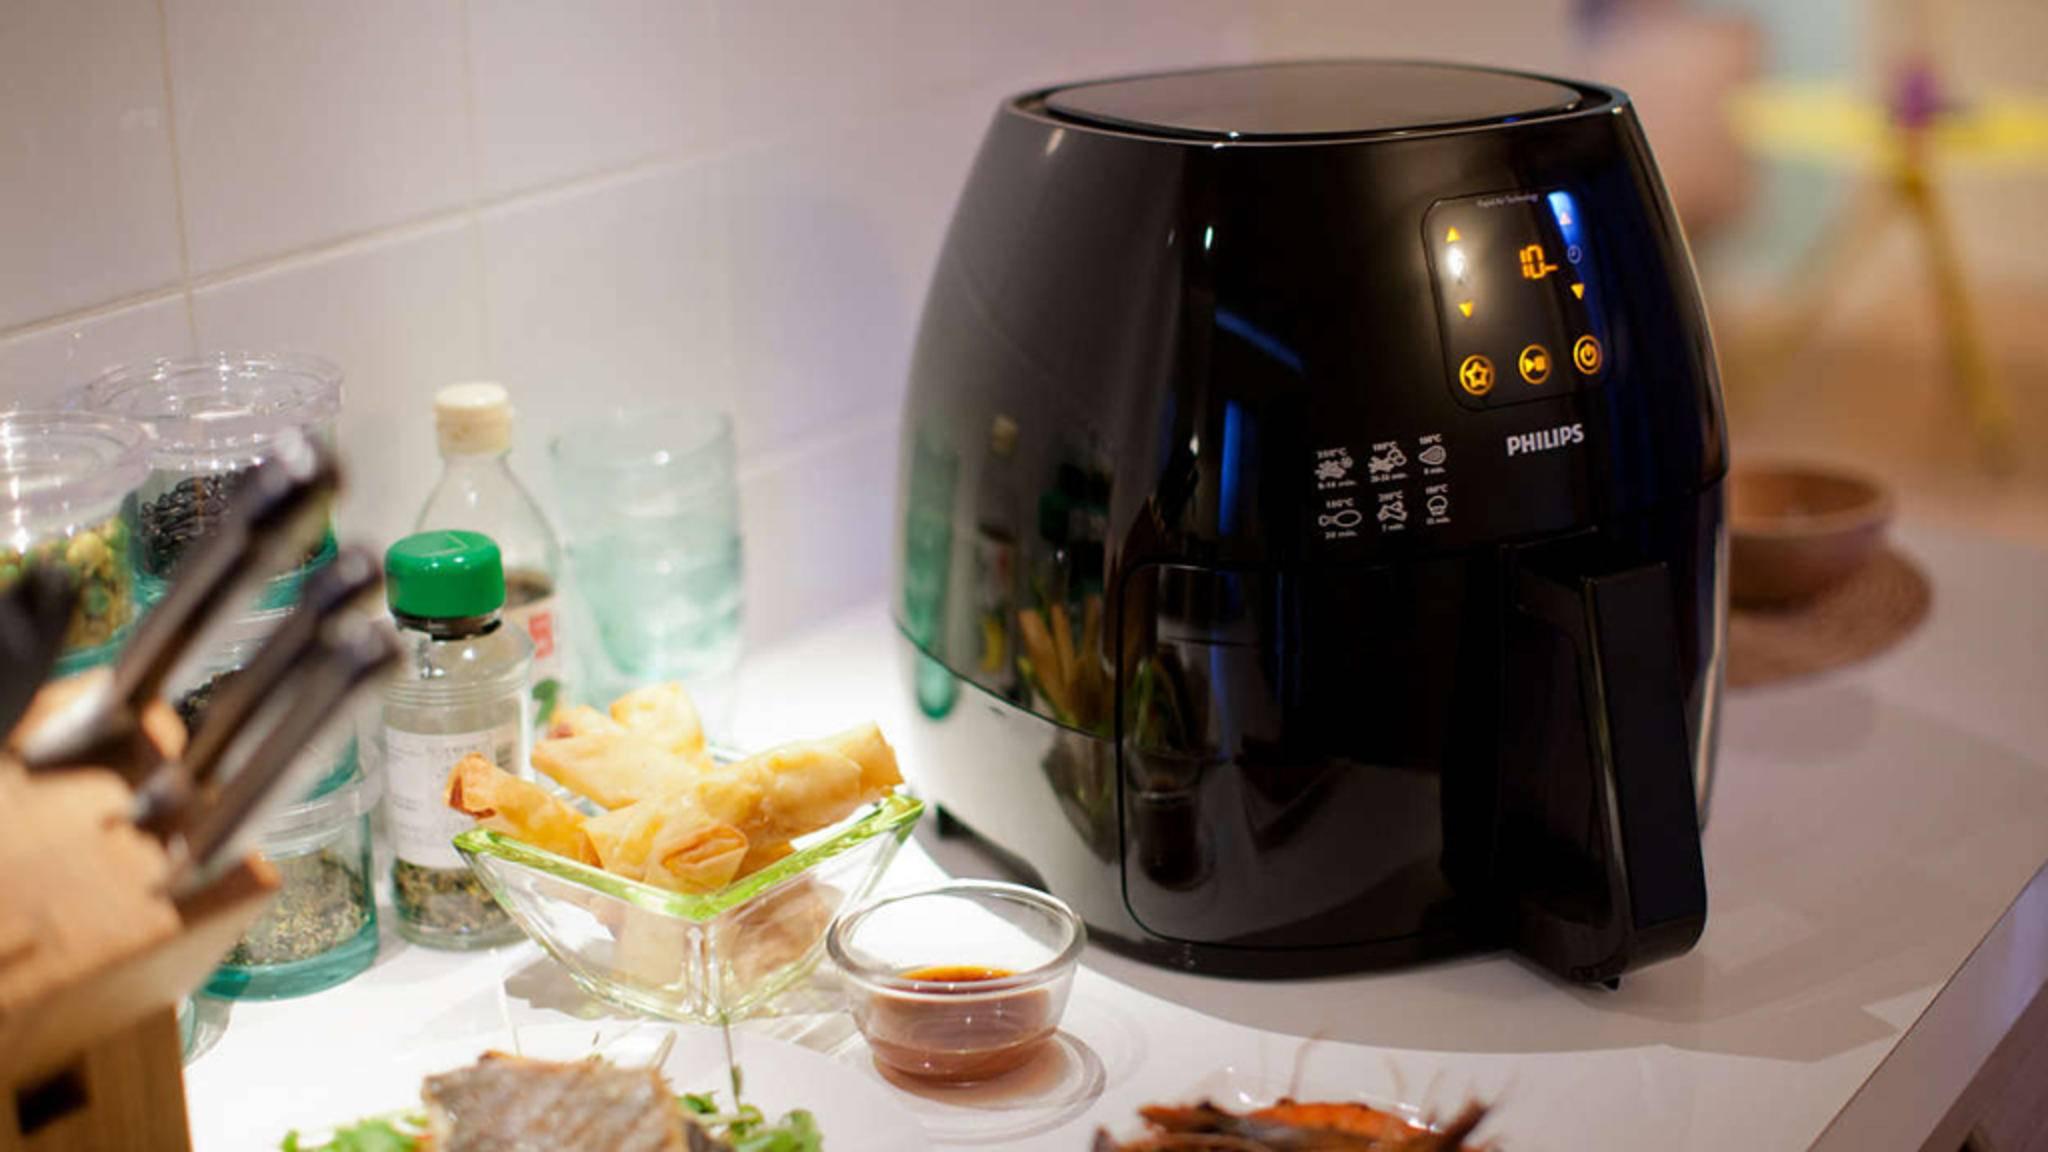 Frittieren fast ohne Fett? Heißluftfritteusen (hier ein Modell von Philips) können genau das!